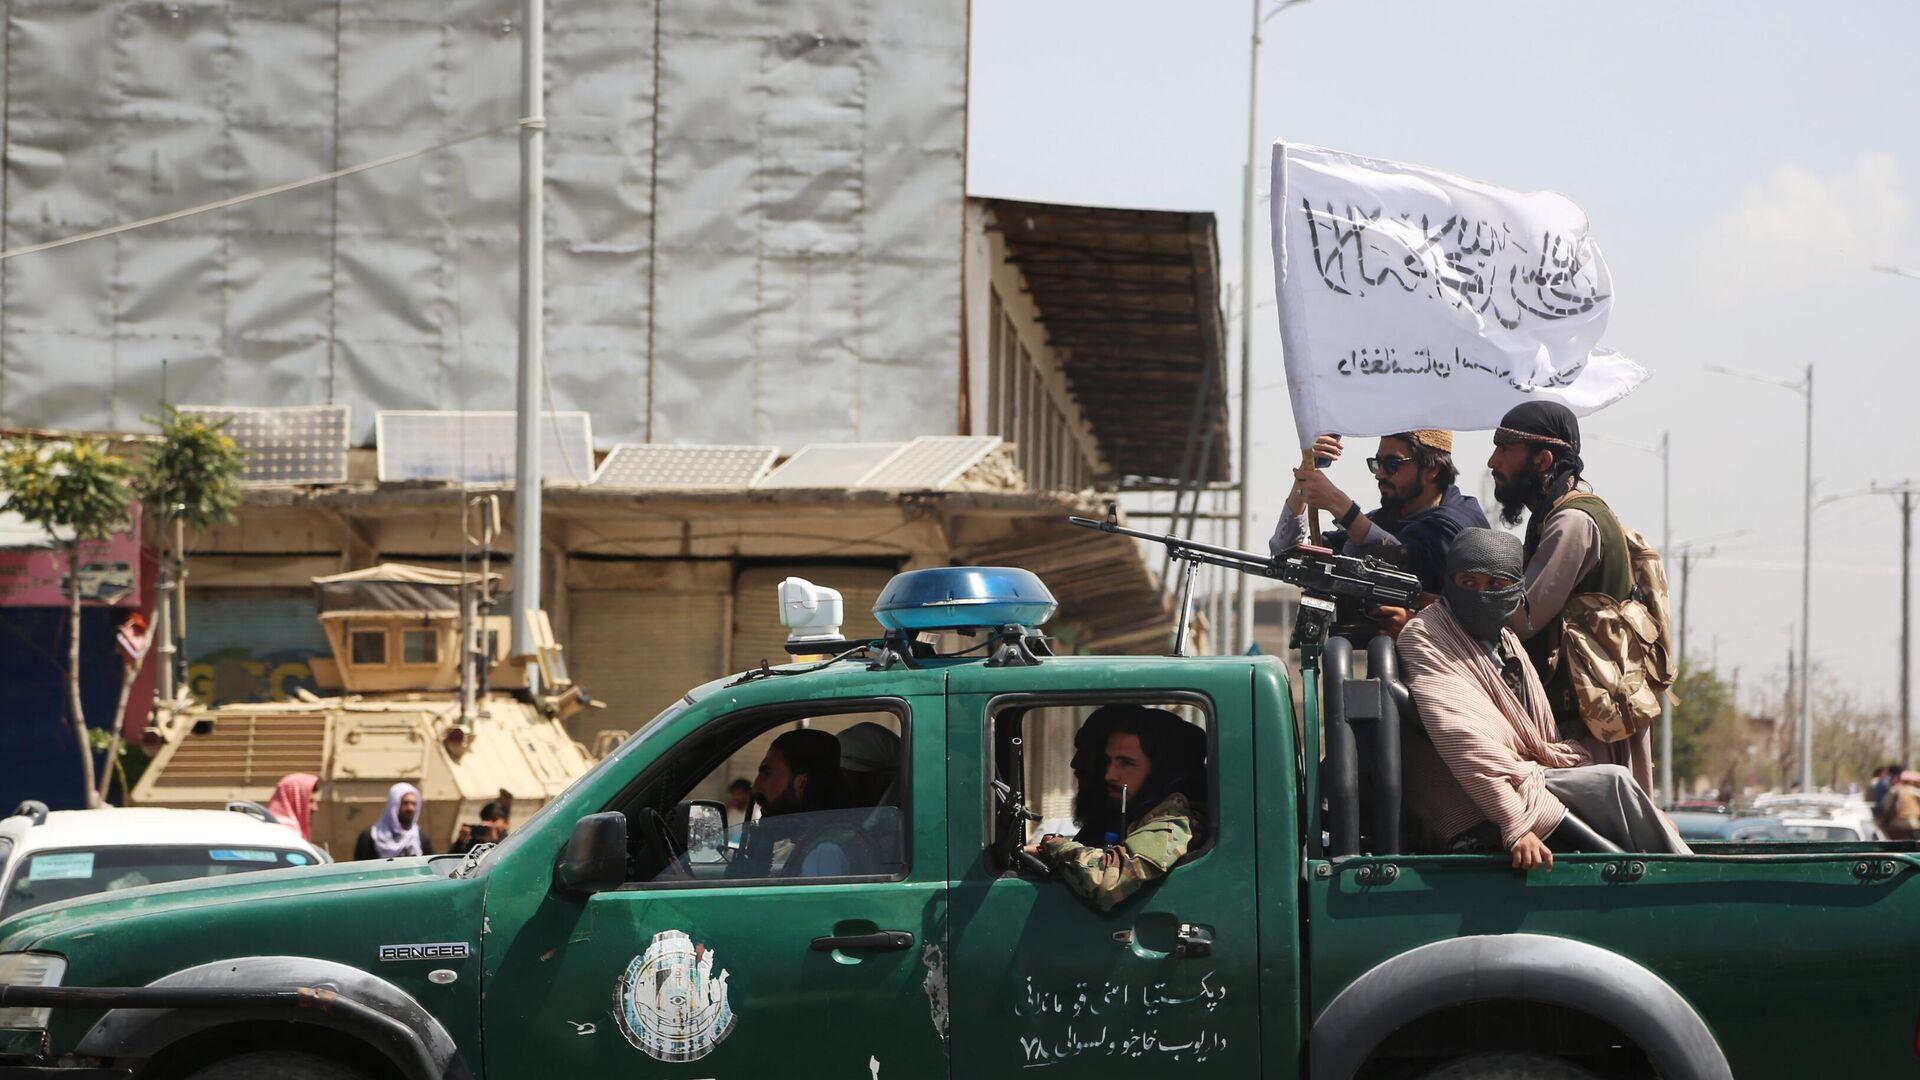 Боевики движения Талибан (террористическая организация, запрещена в России) в Кабуле. Талибы (террористическая организация, запрещена в России) взяли под свой контроль Кабул, столицу Афганистана. - Sputnik Таджикистан, 1920, 19.08.2021